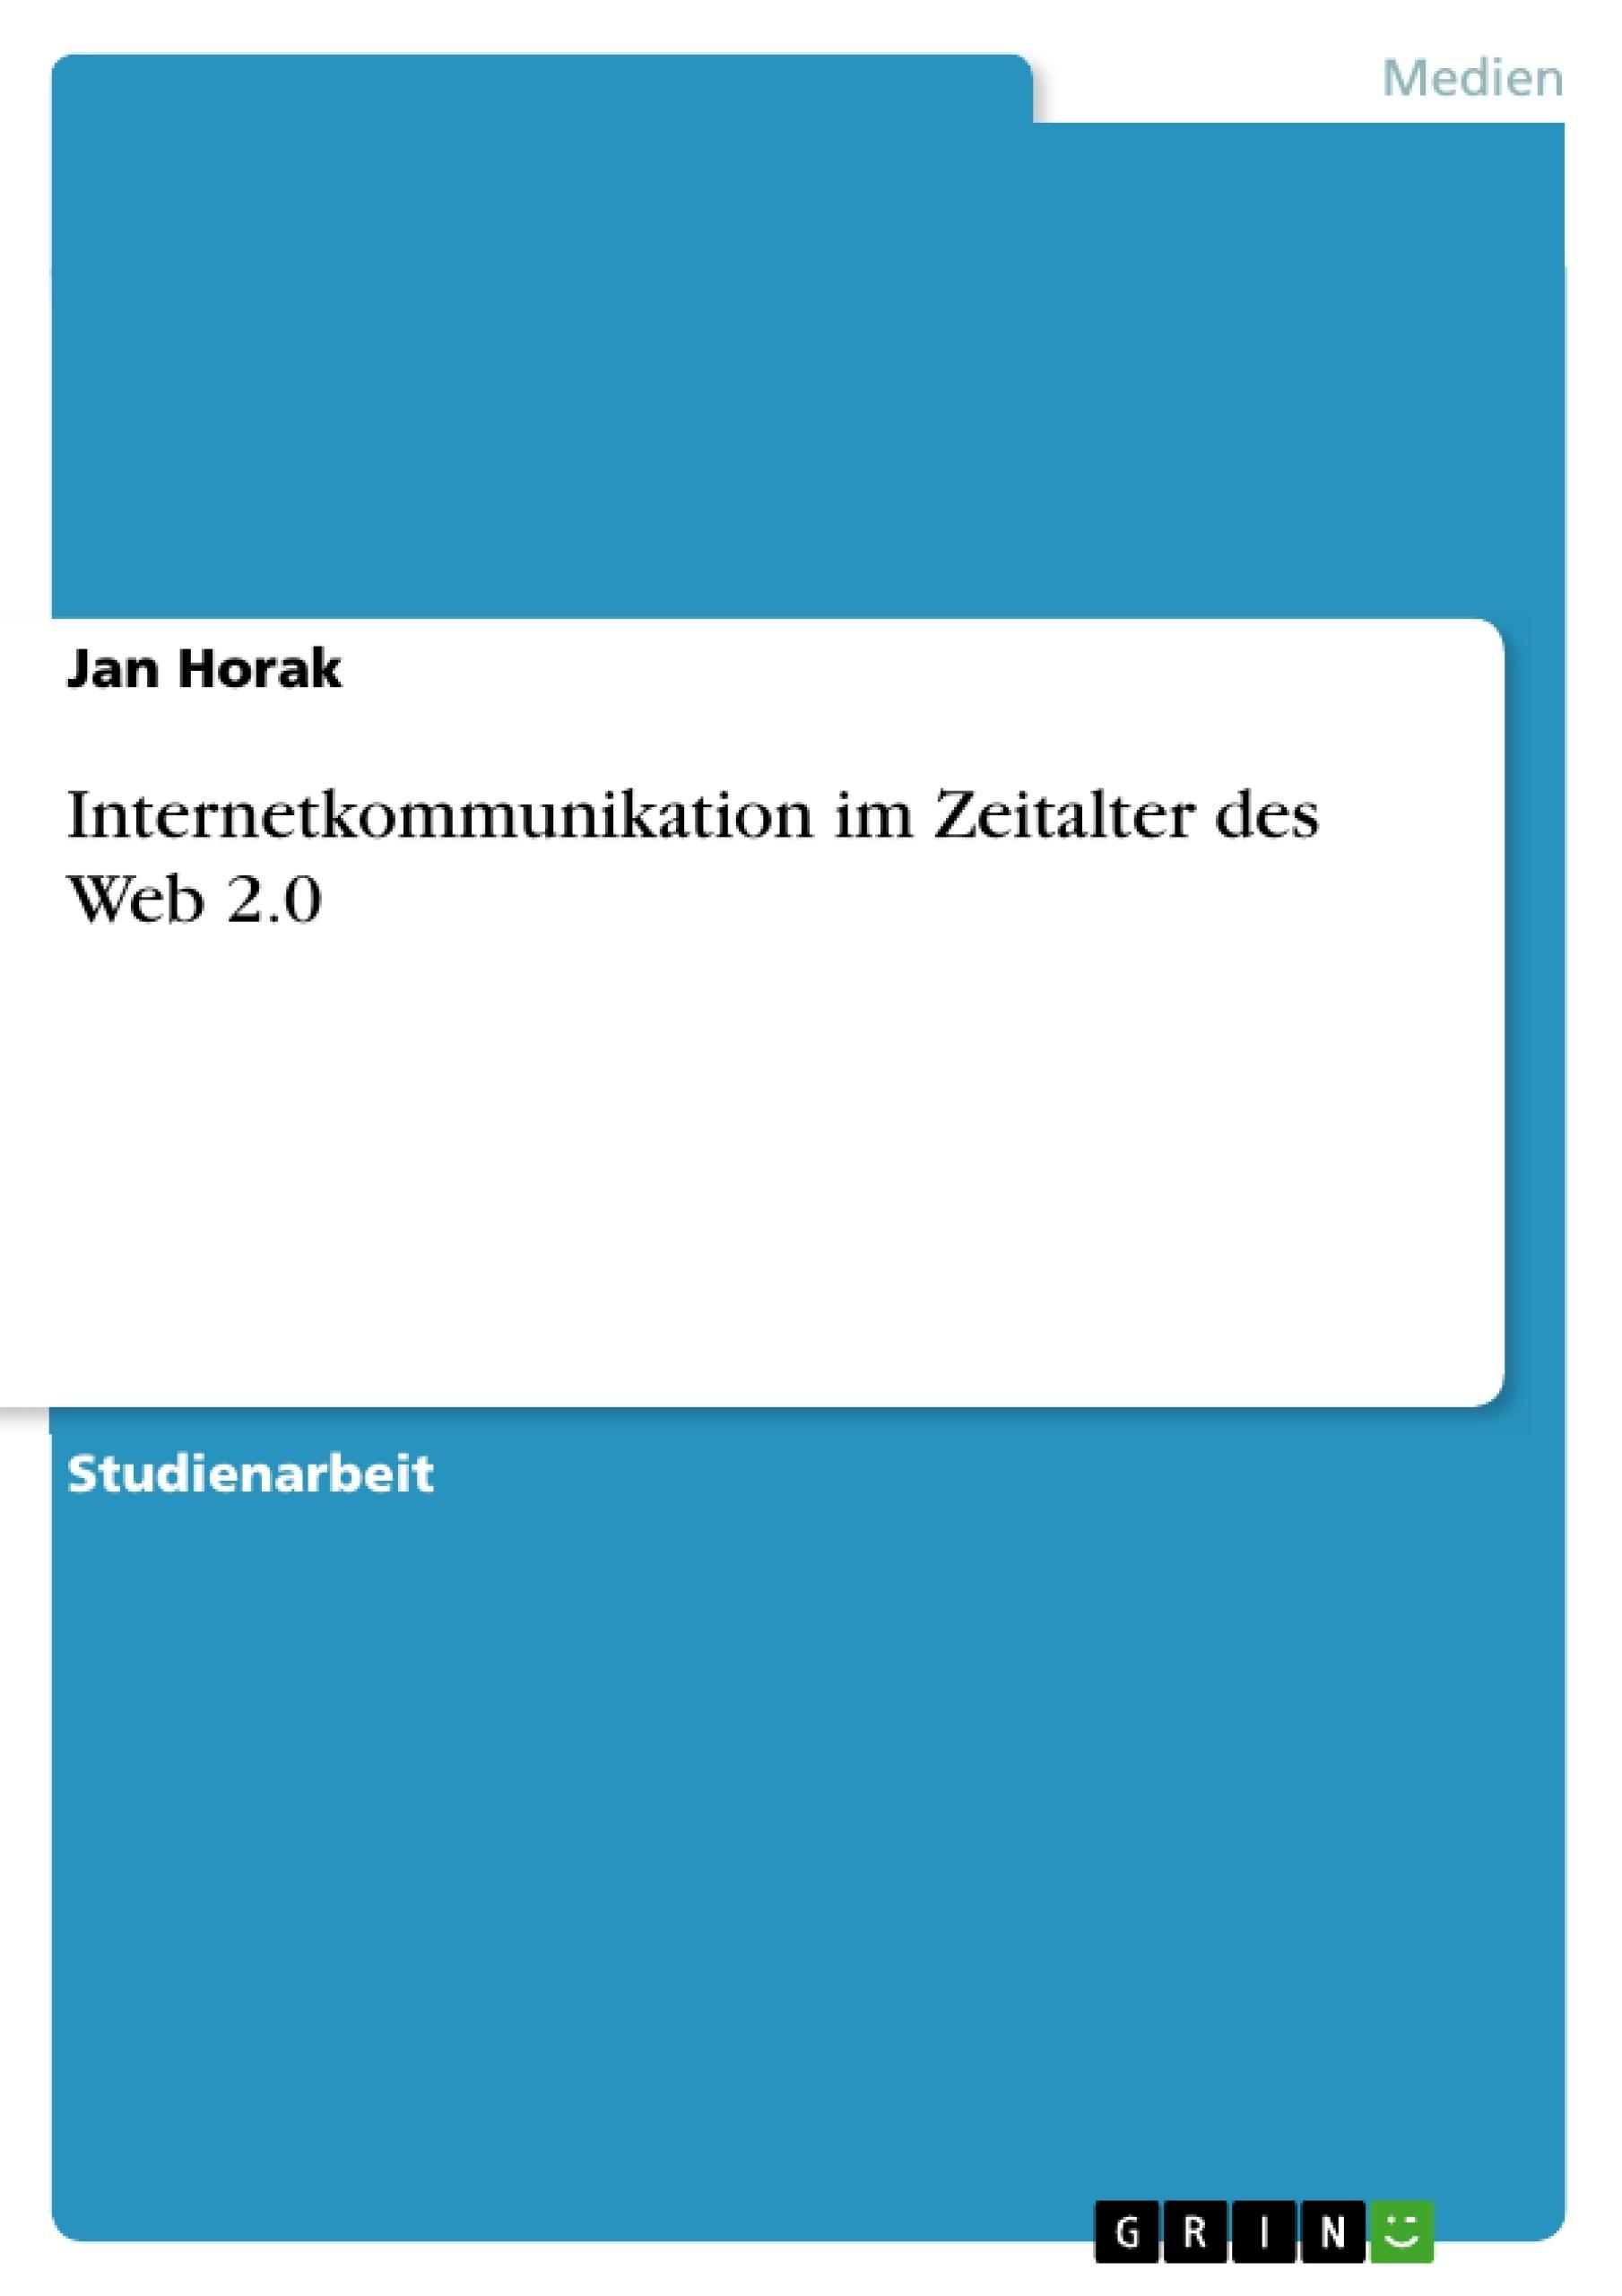 Titel: Internetkommunikation im Zeitalter des Web 2.0